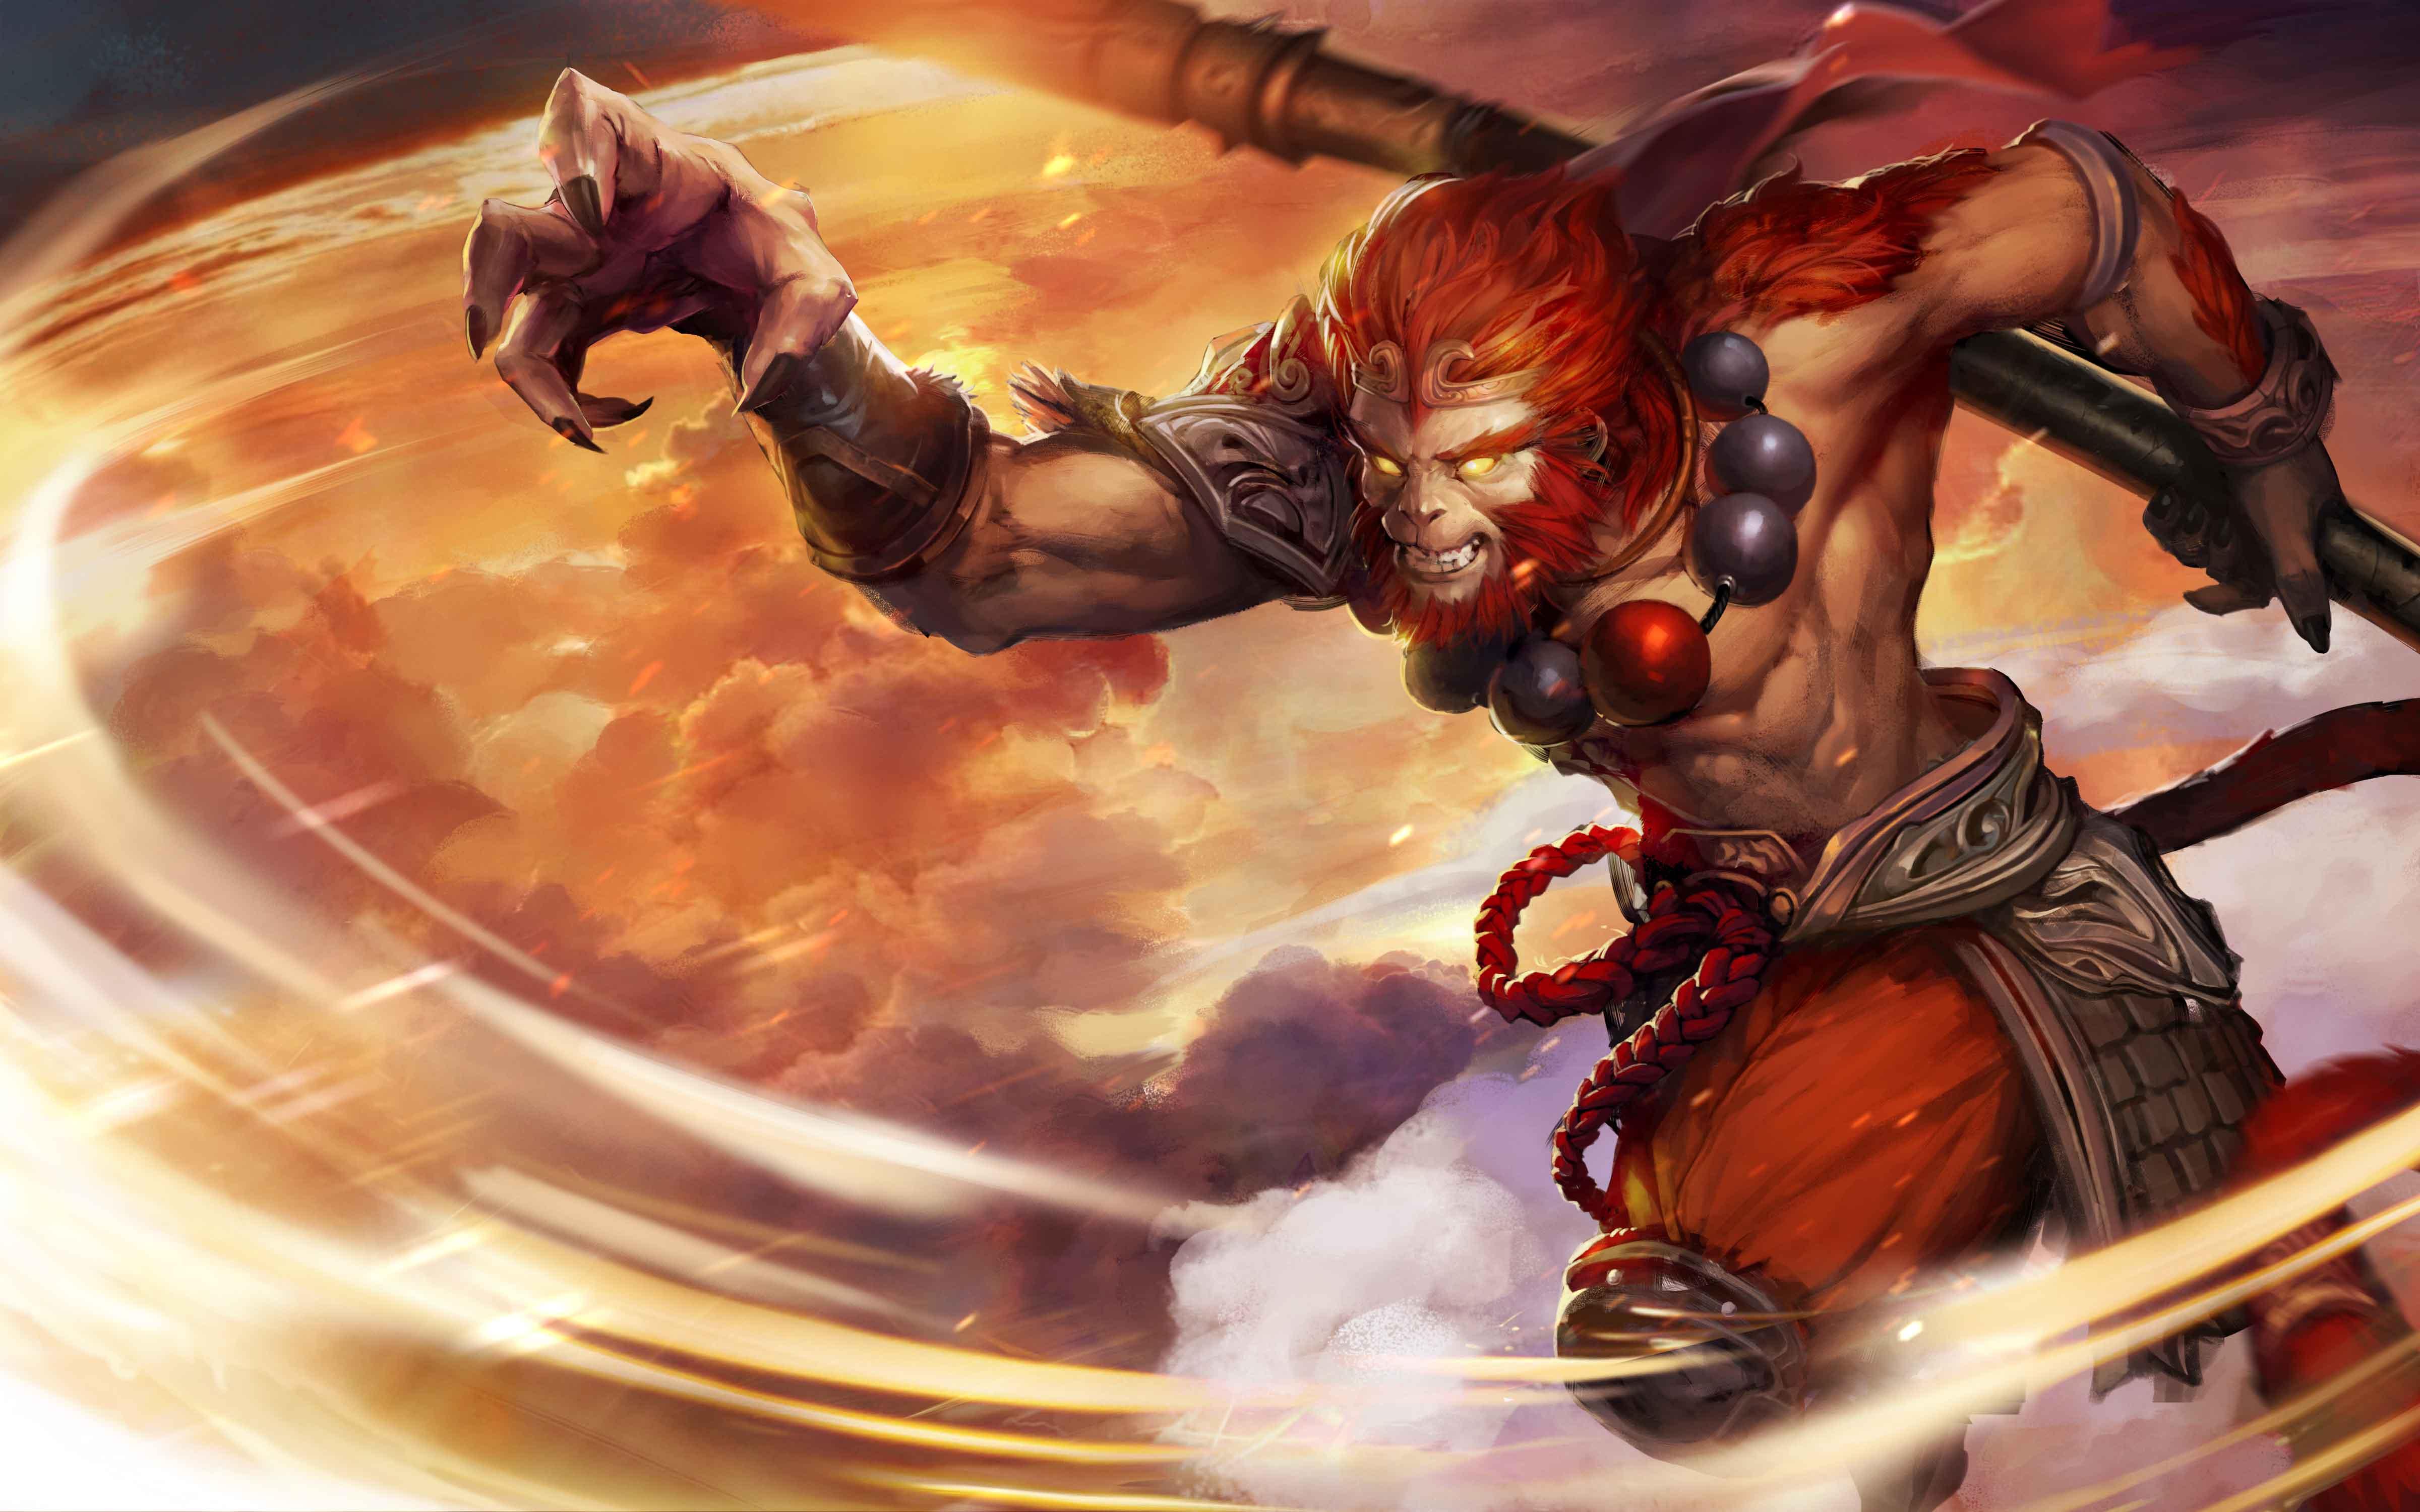 Dota 2 Video Game Phantom Lancer Monkey King Sun Wukong Hd